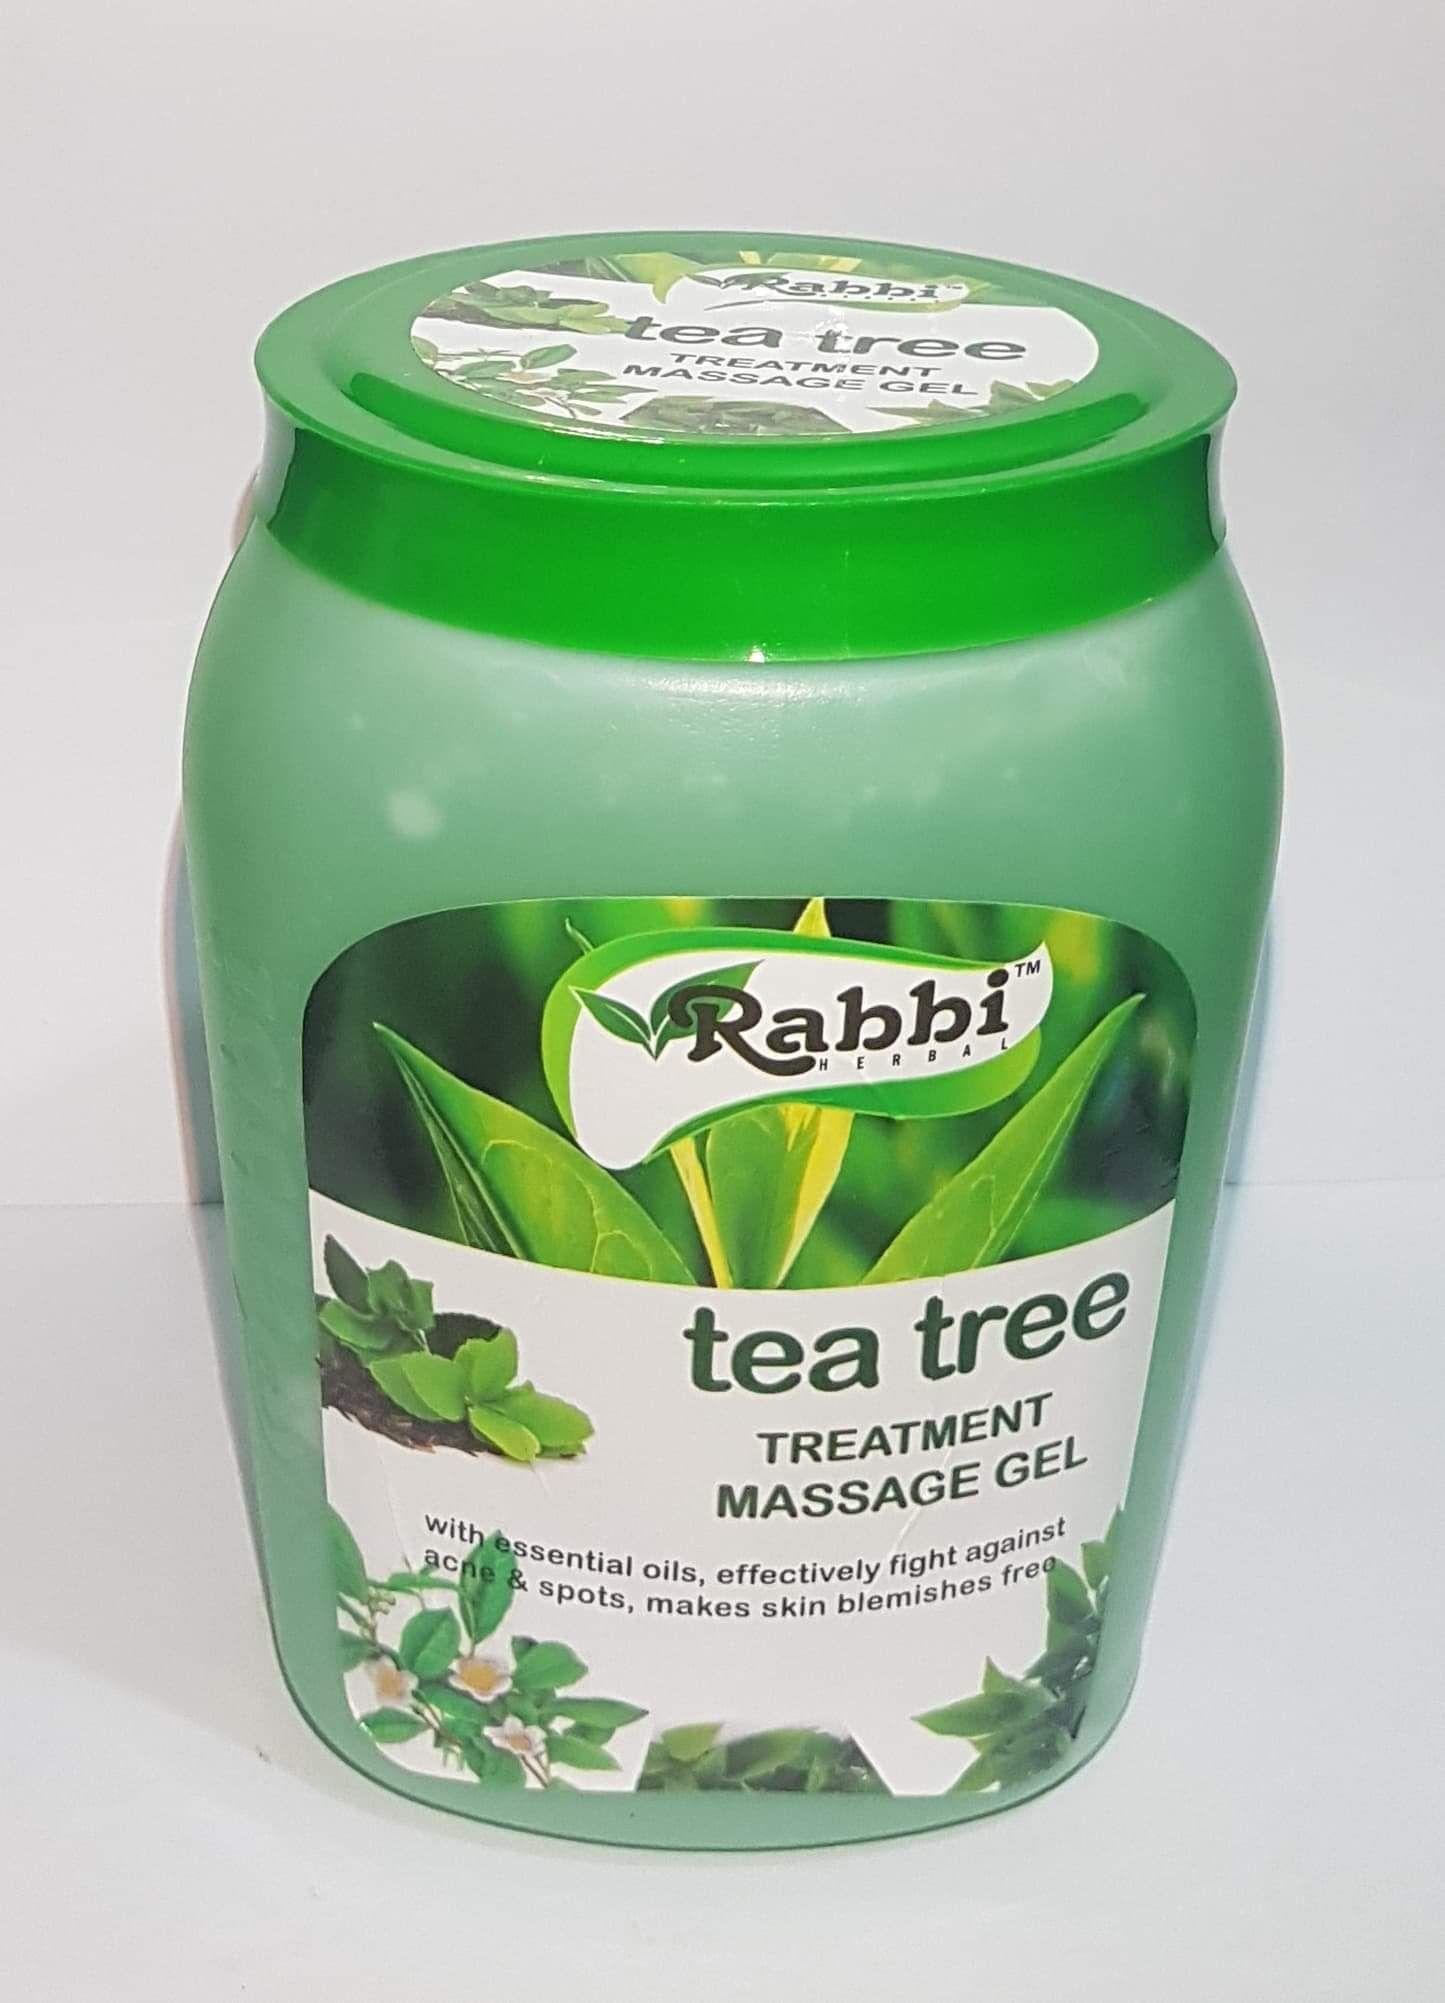 Tea Tree Treatment Massage Gel